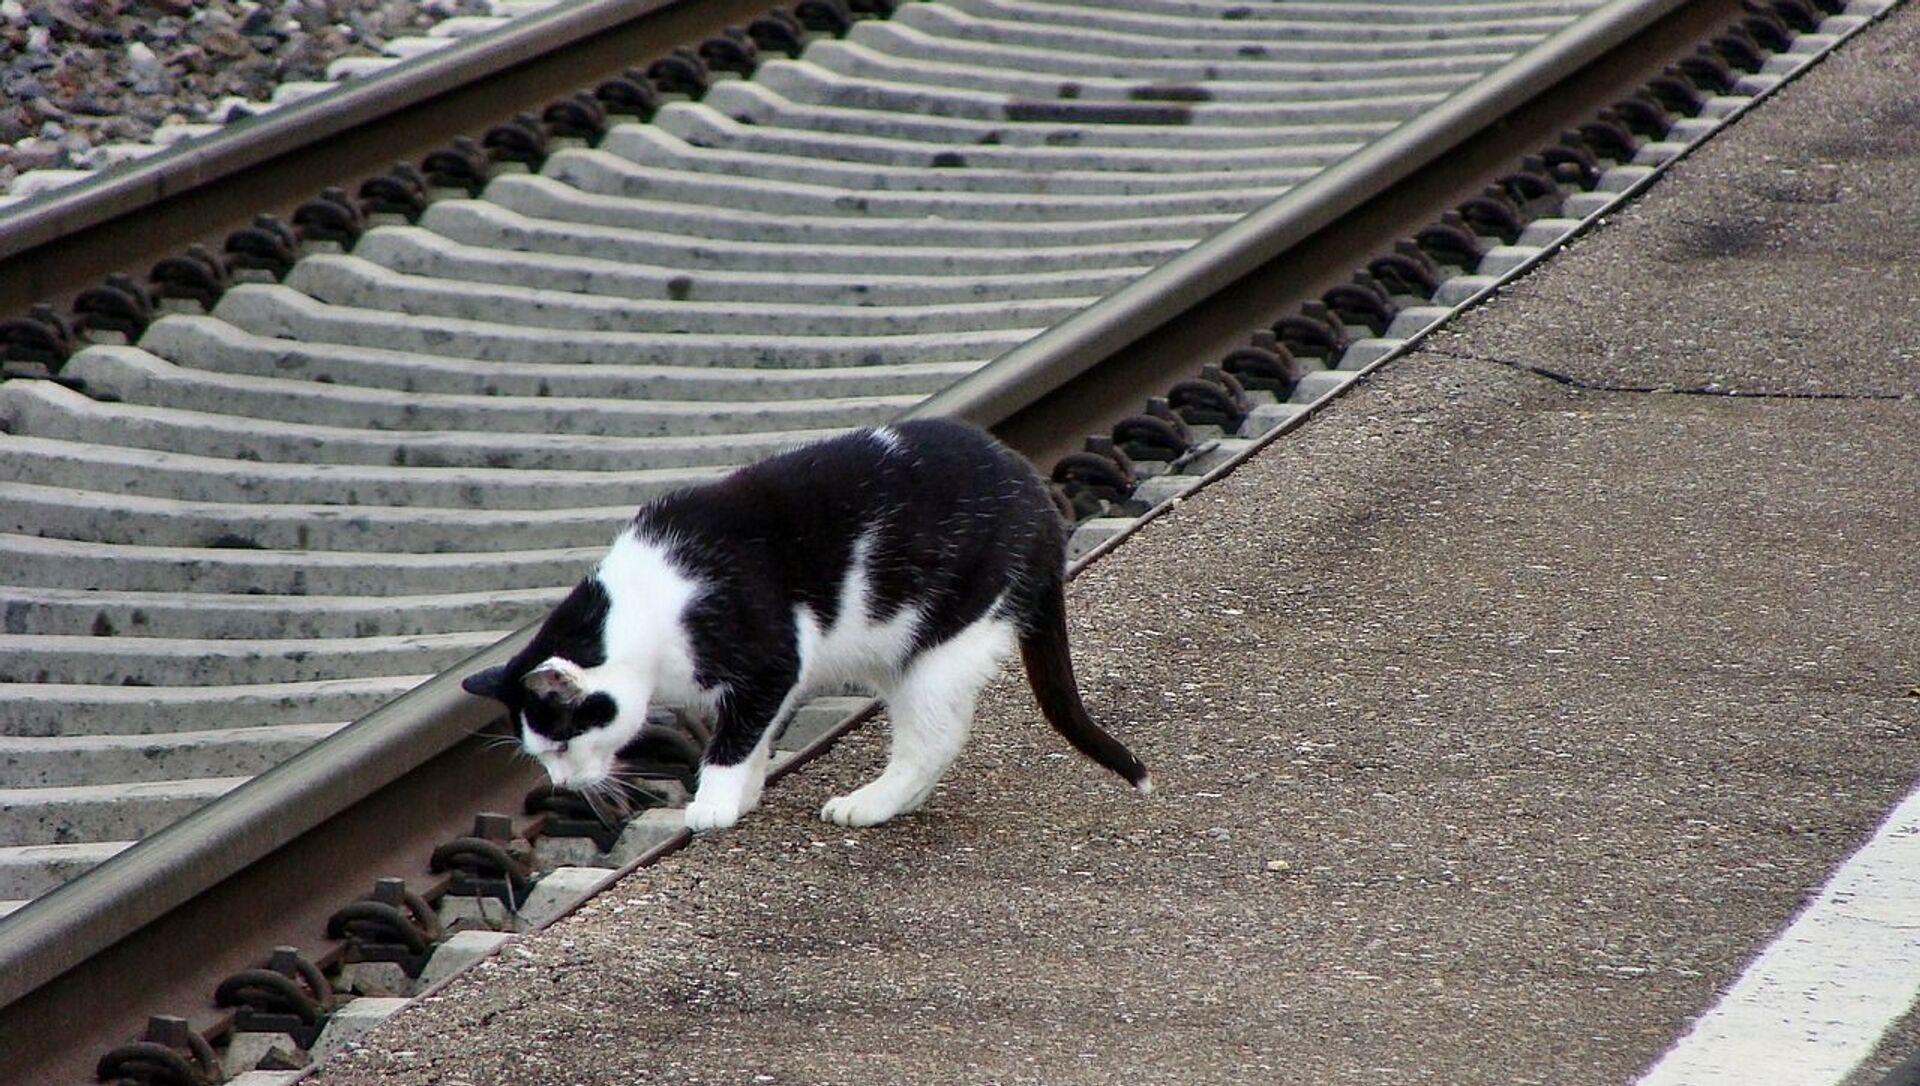 Un chat à la gare - Sputnik France, 1920, 04.03.2021